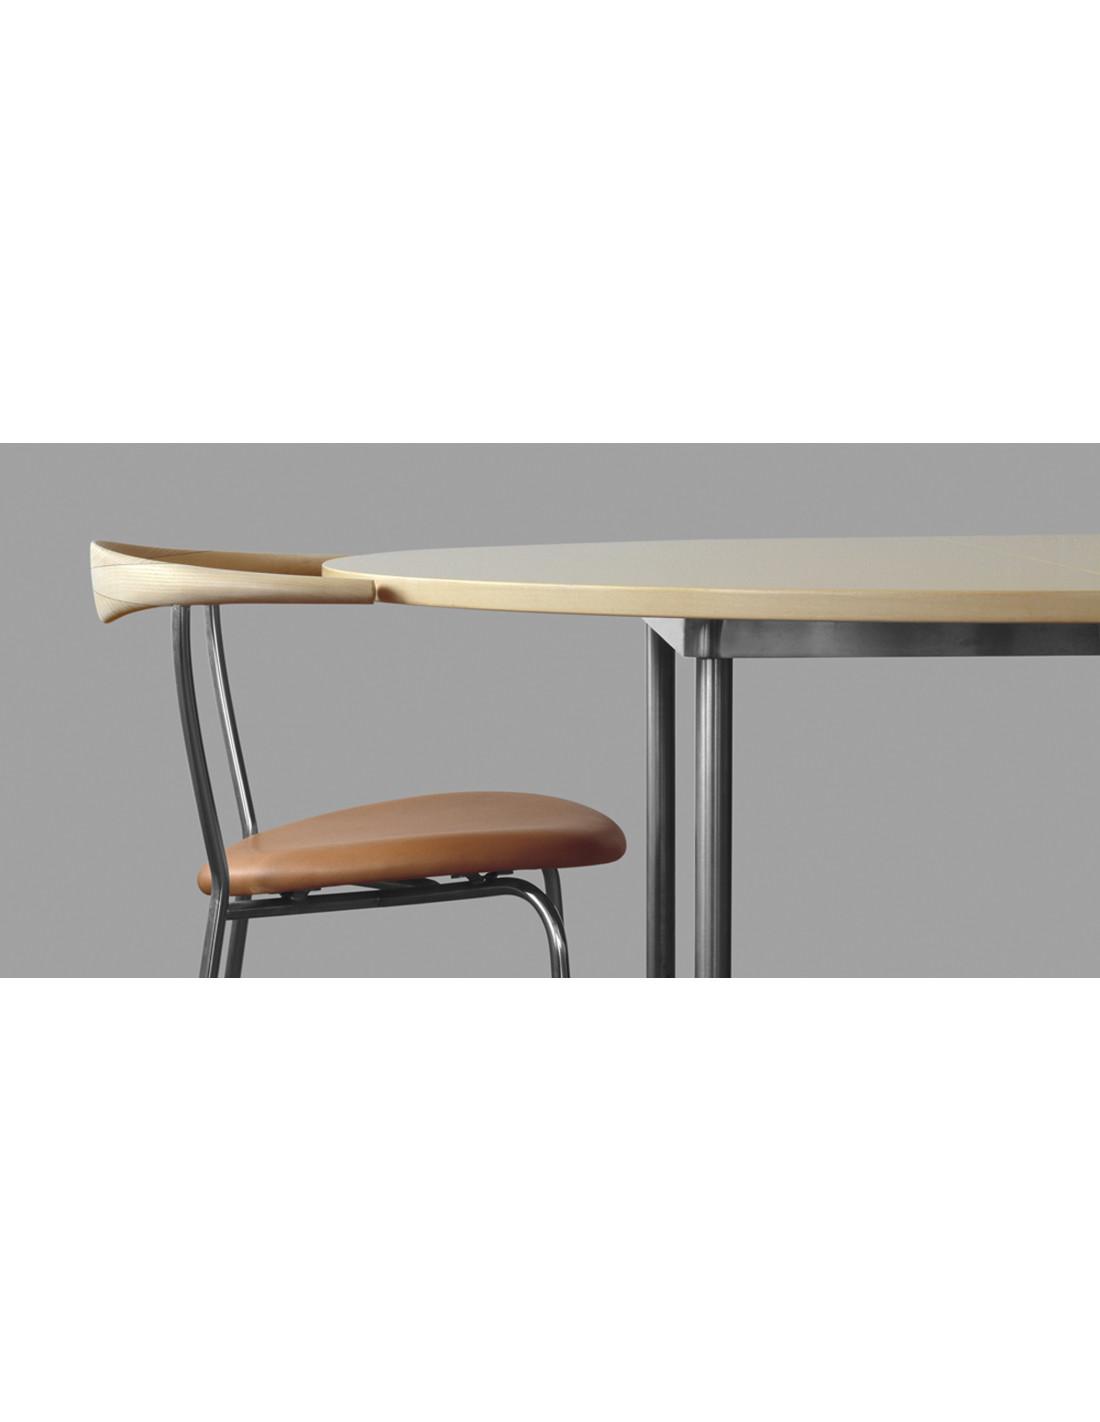 chaise oc an pp701 pp mobler hans j wegner la boutique danoise. Black Bedroom Furniture Sets. Home Design Ideas